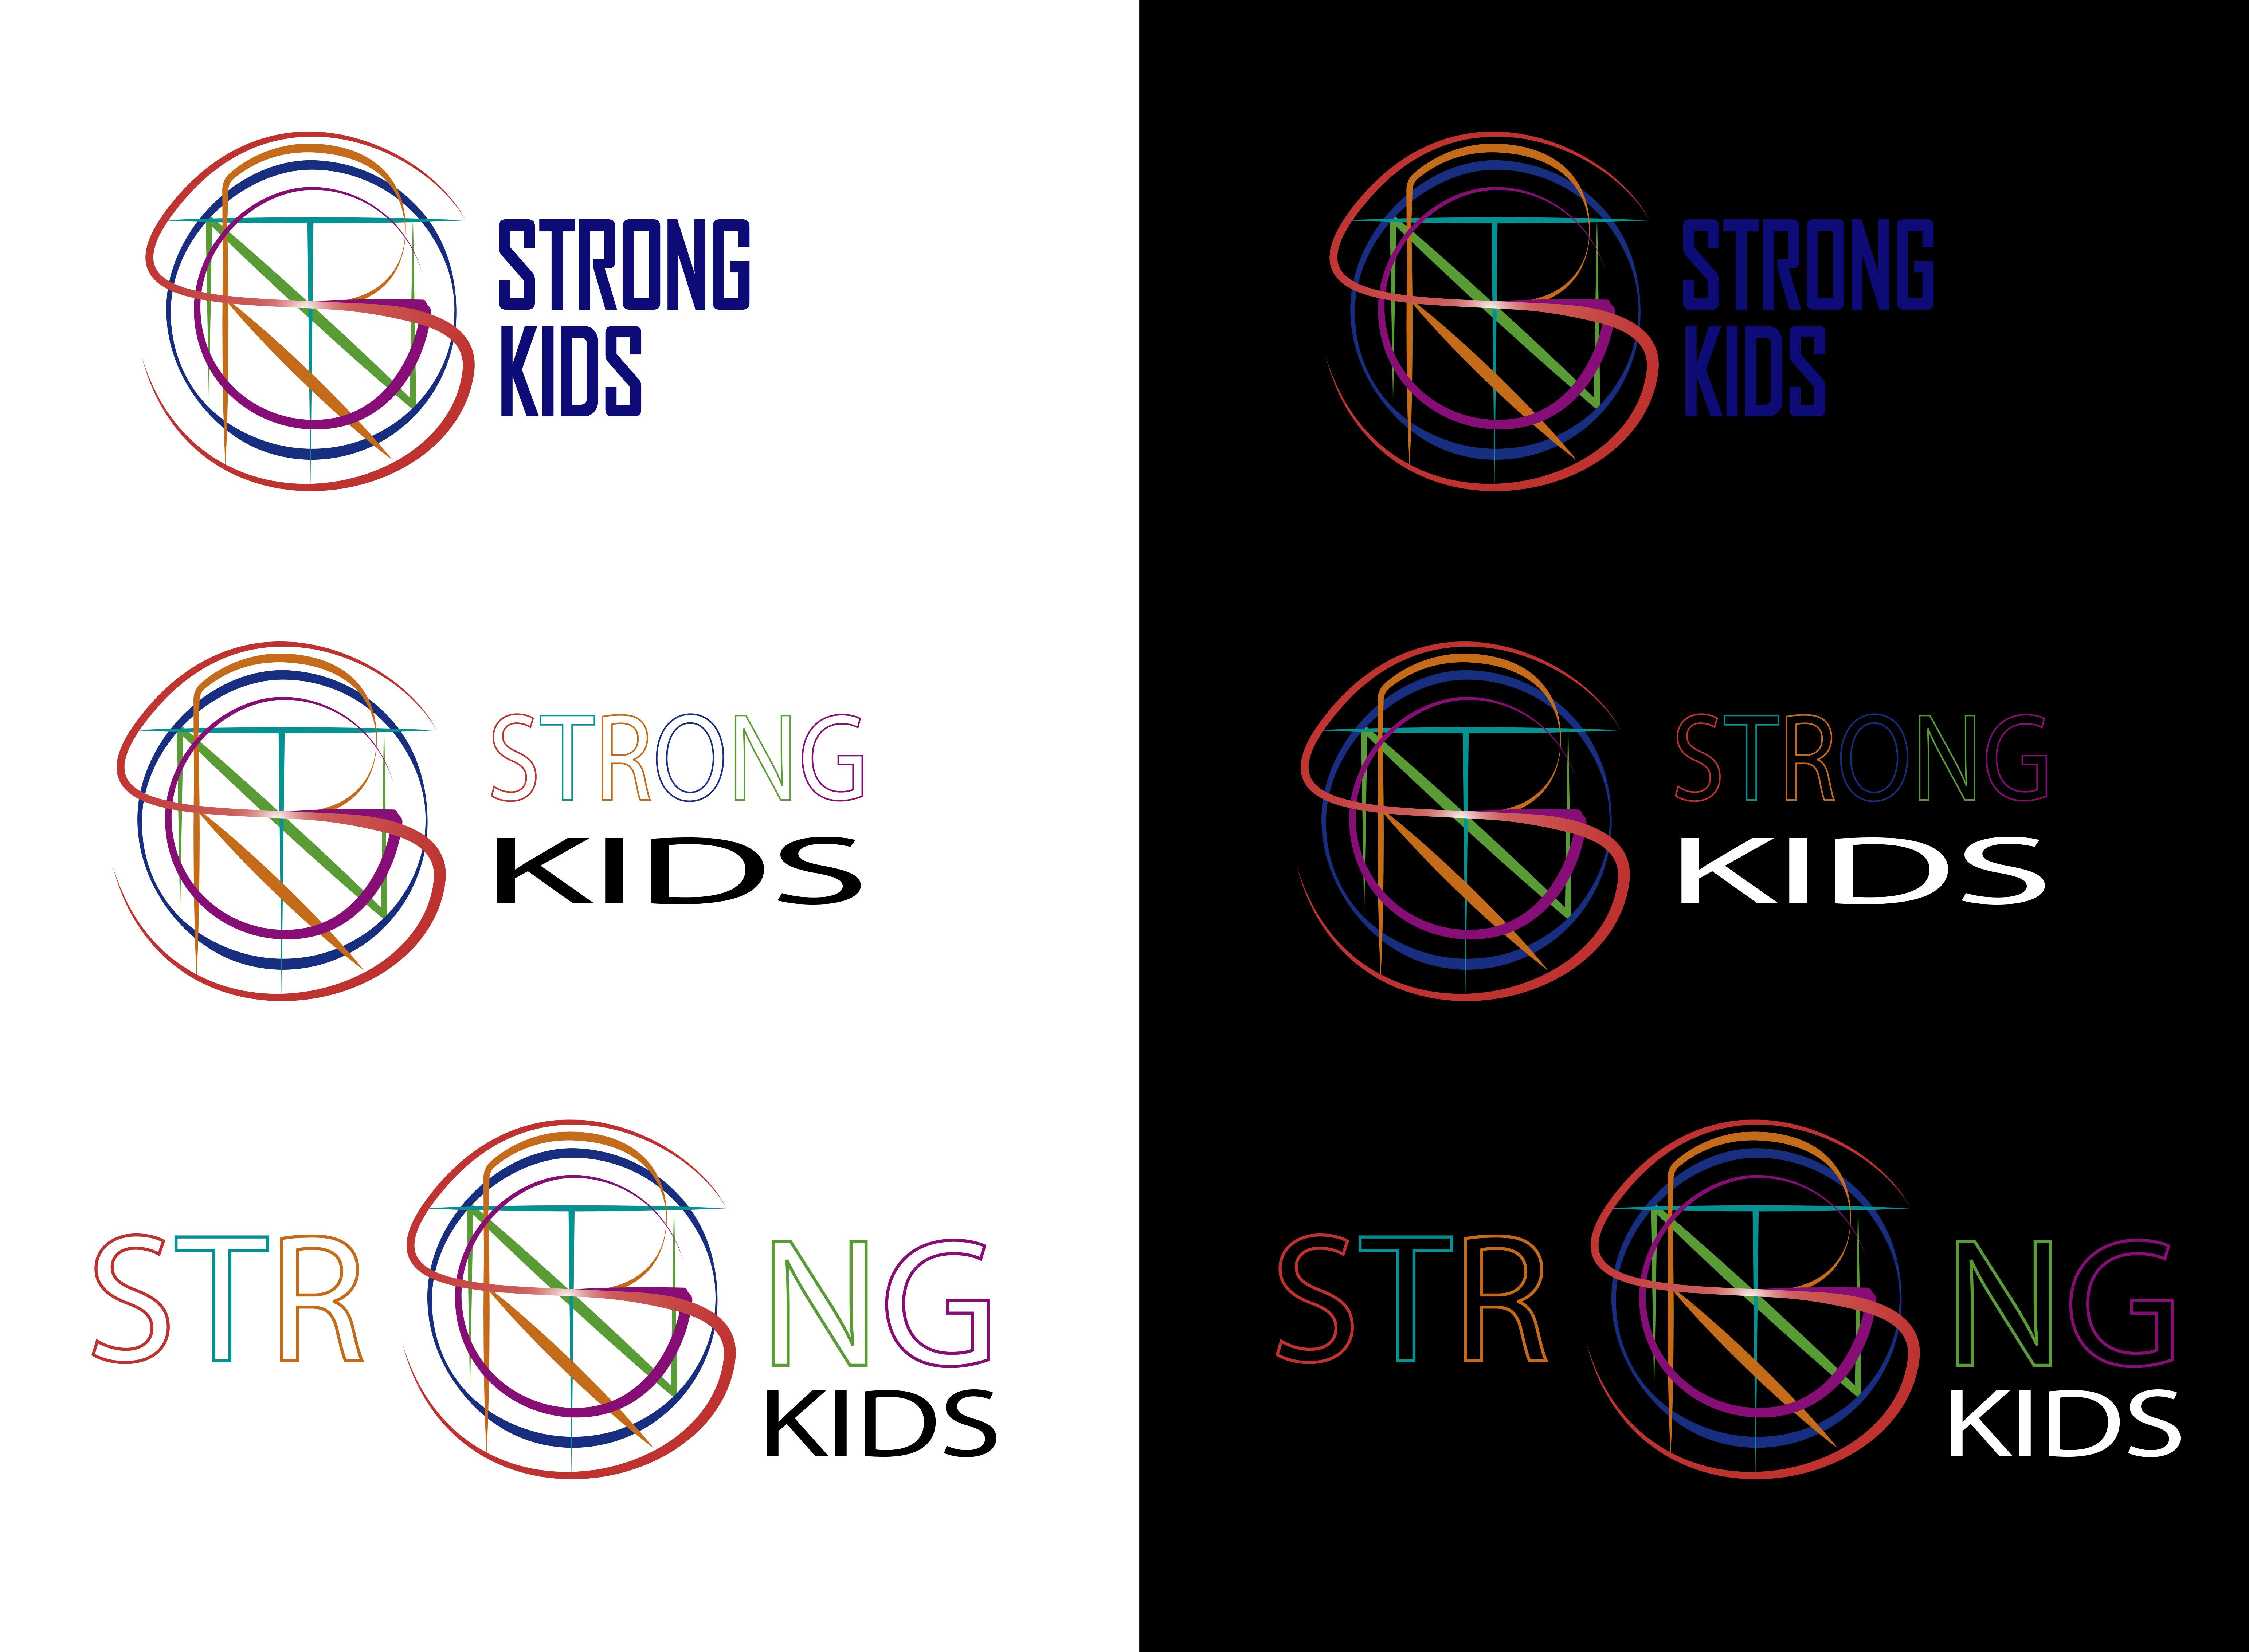 Логотип для Детского Интернет Магазина StrongKids фото f_1305c76af8387956.jpg